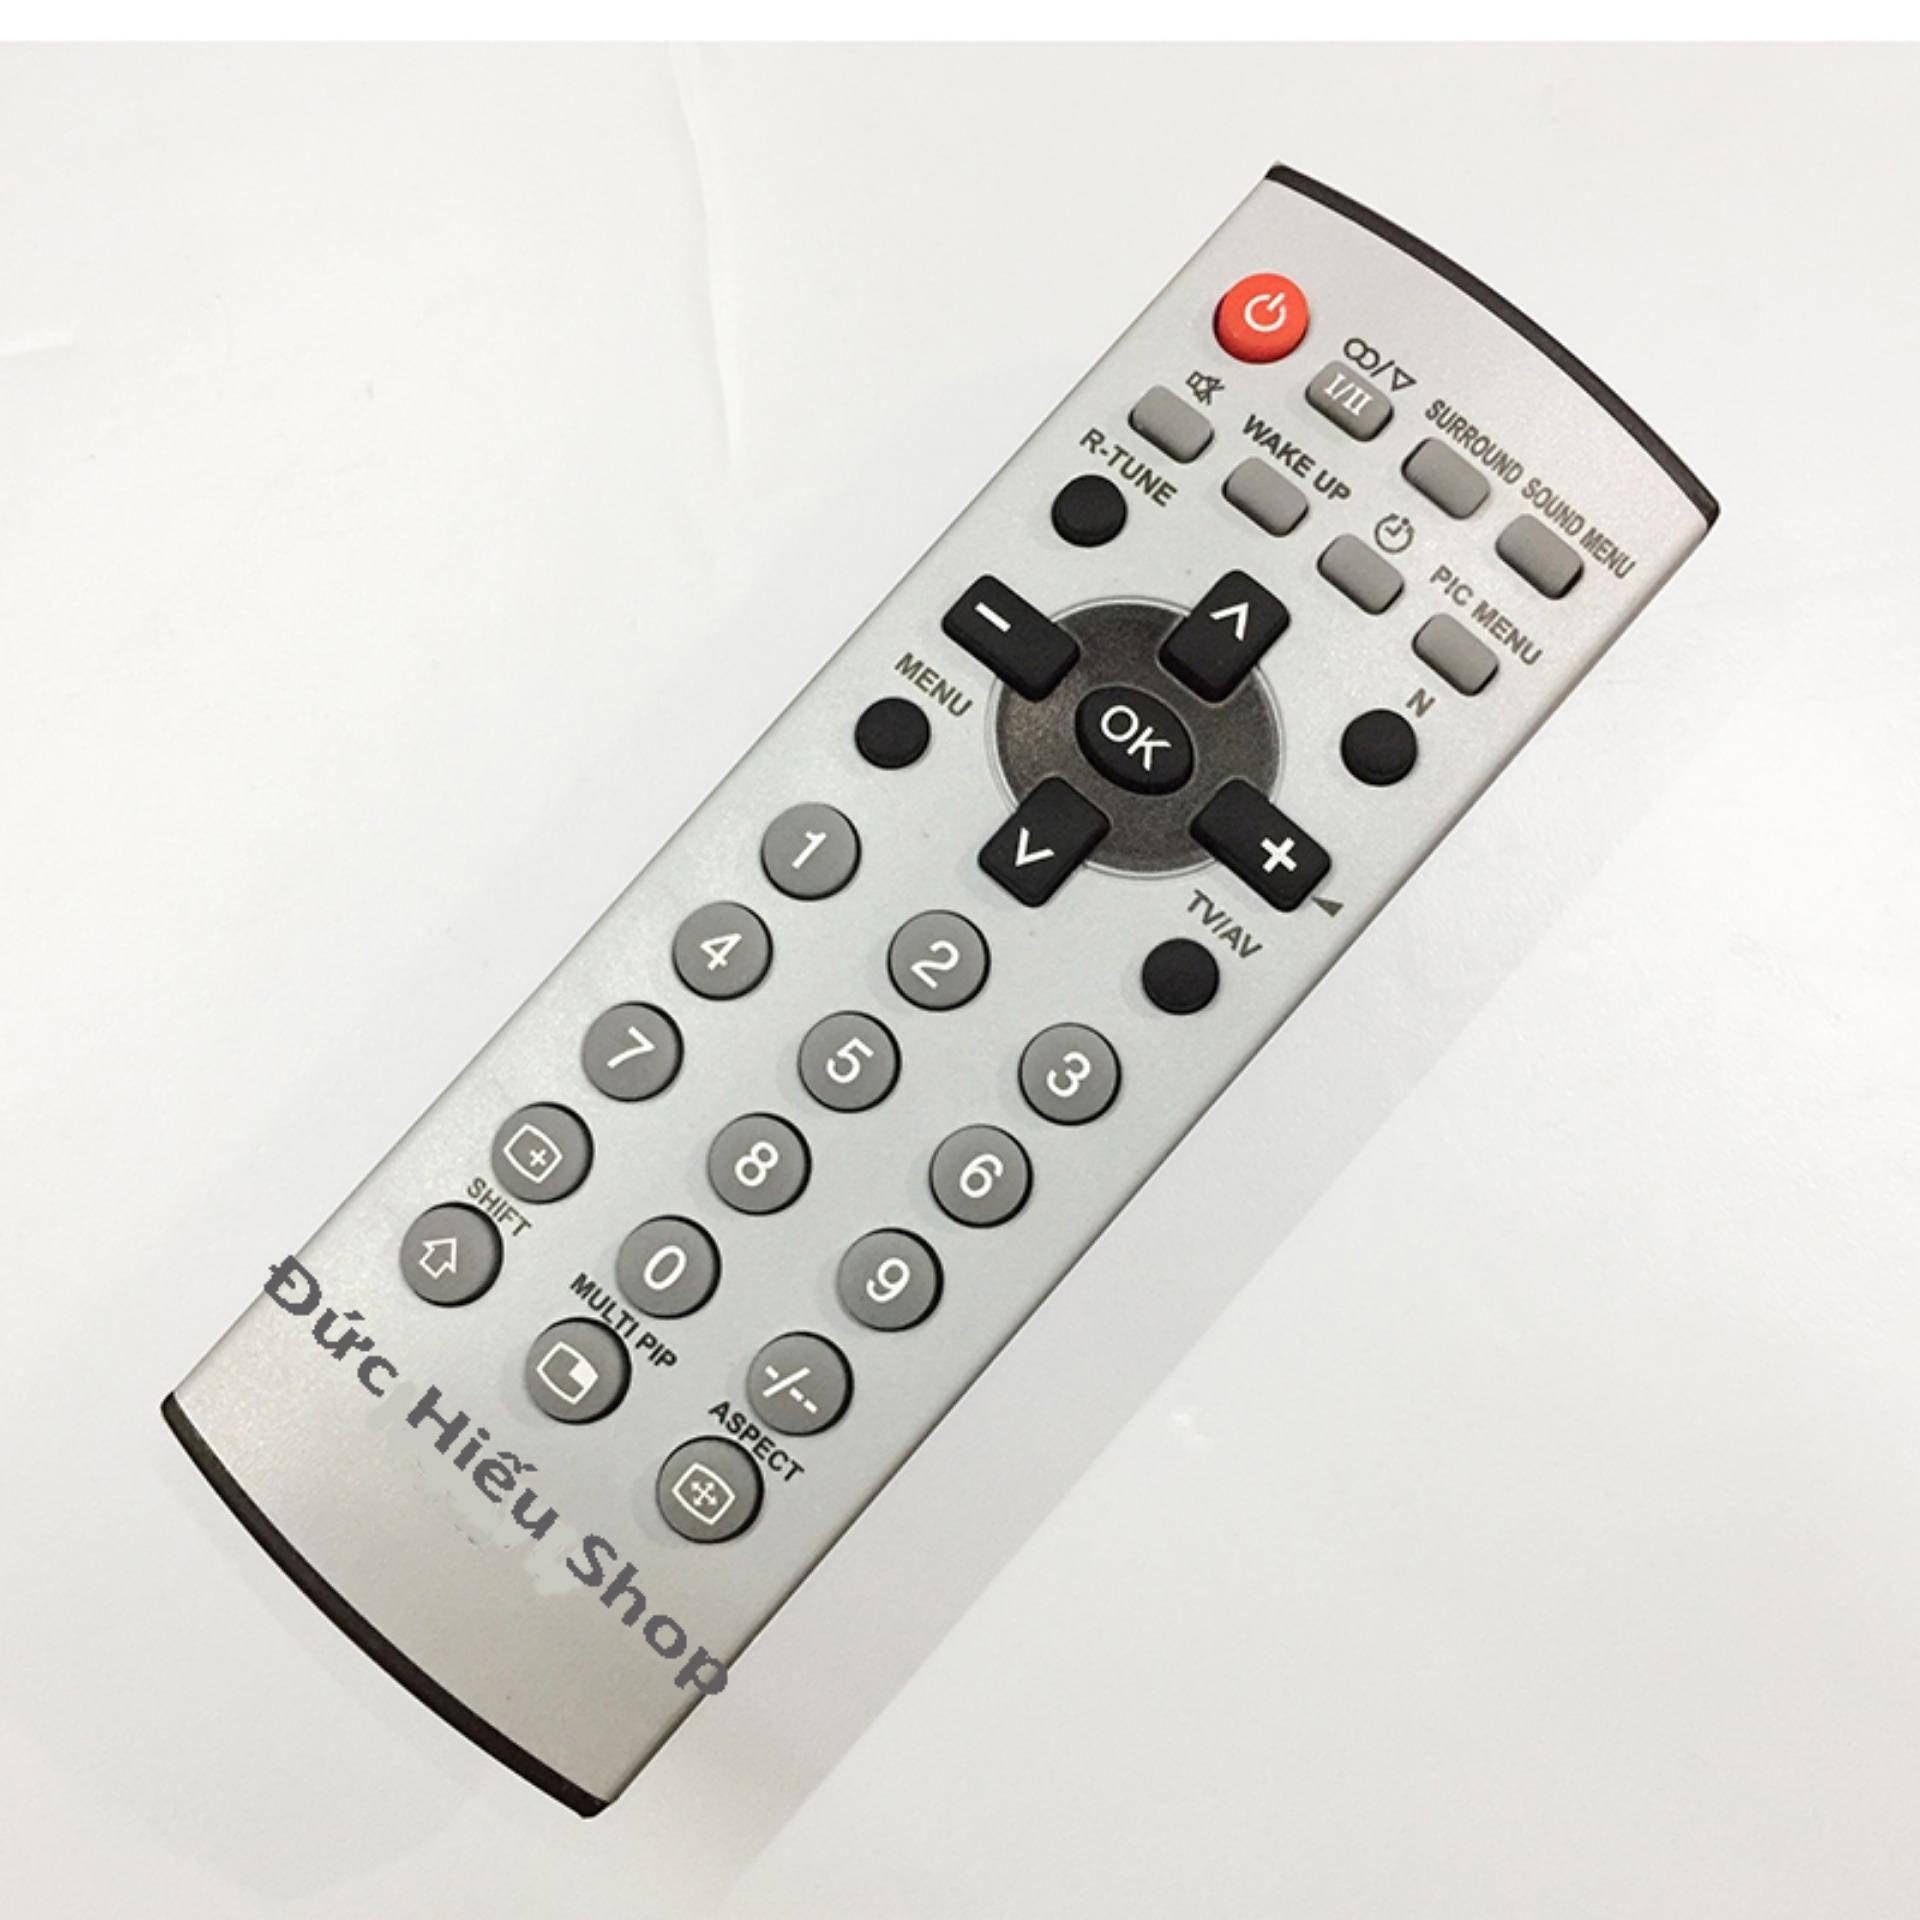 Bảng giá Remote điều khiển tivi Panasonic - Đức Hiếu Shop